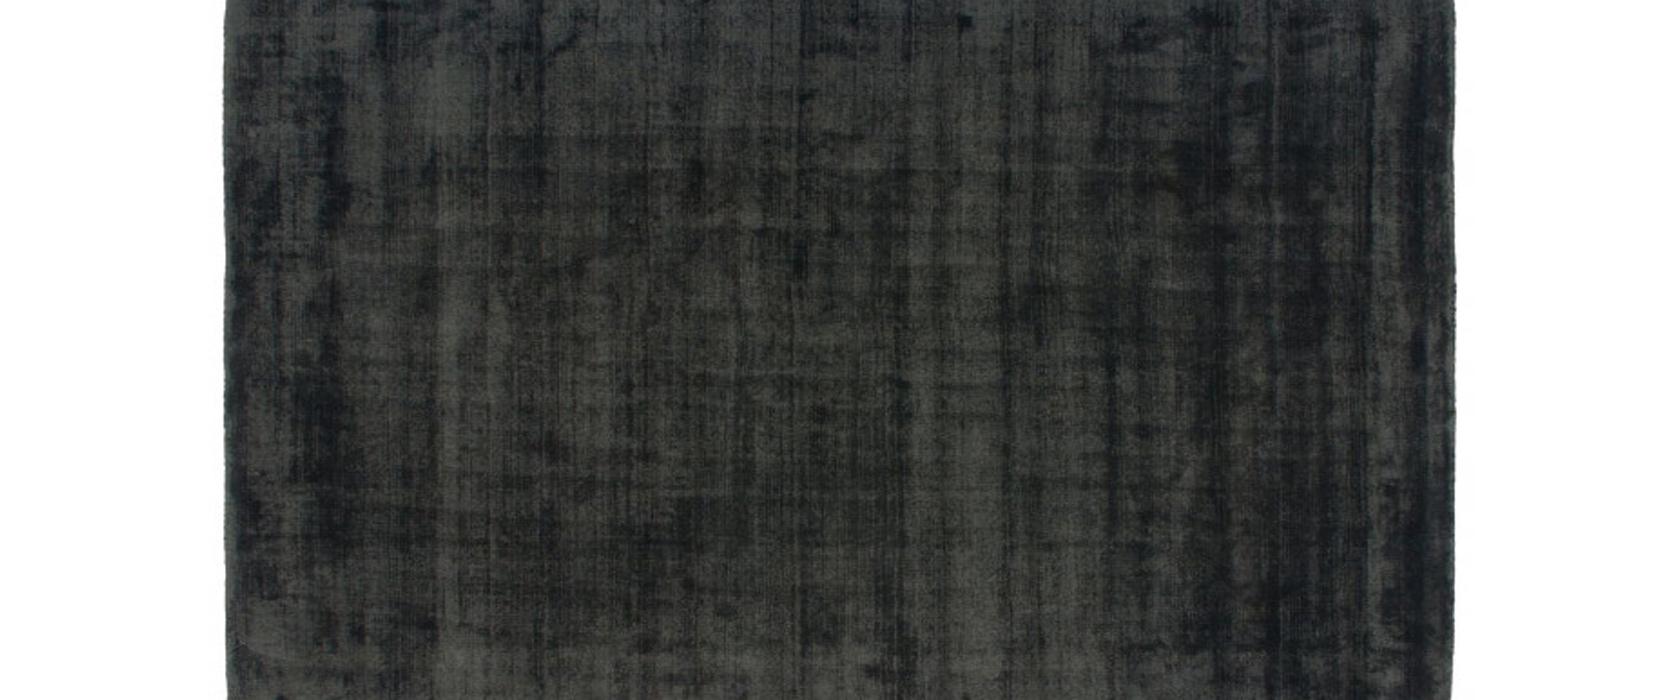 Килим My Maori 220 Antracite 160х230 см - Pufetto